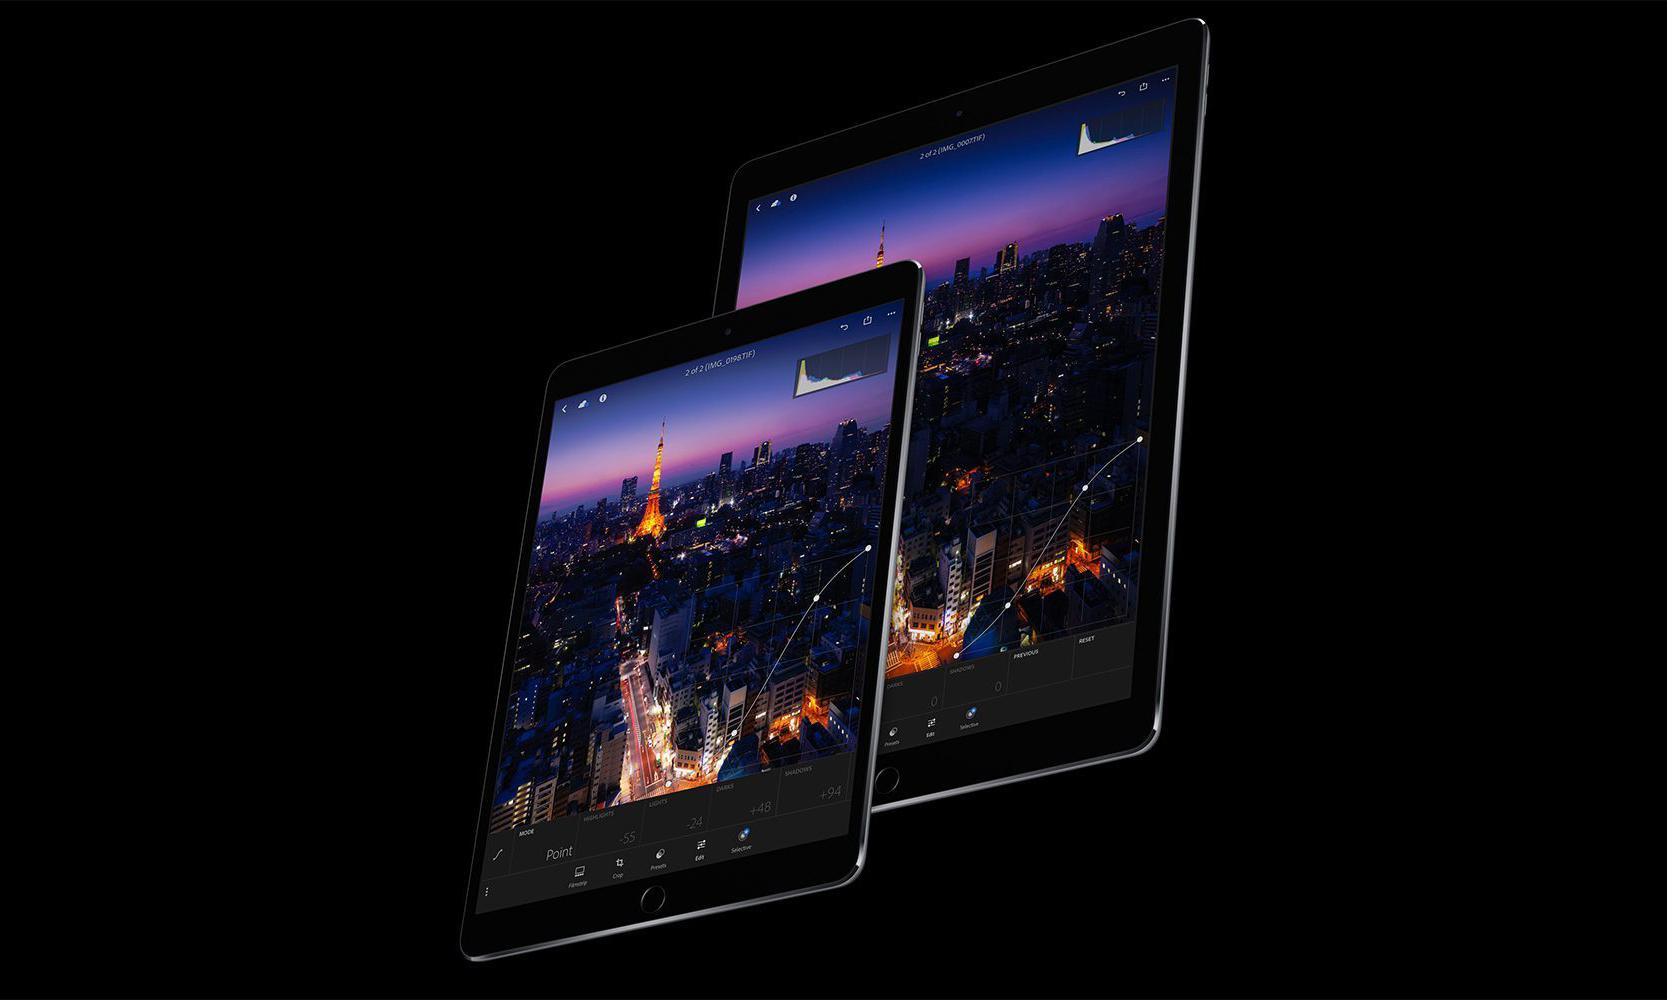 新 iPad Pro 将搭载 A12X 芯片,处理速度超 A12 仿生